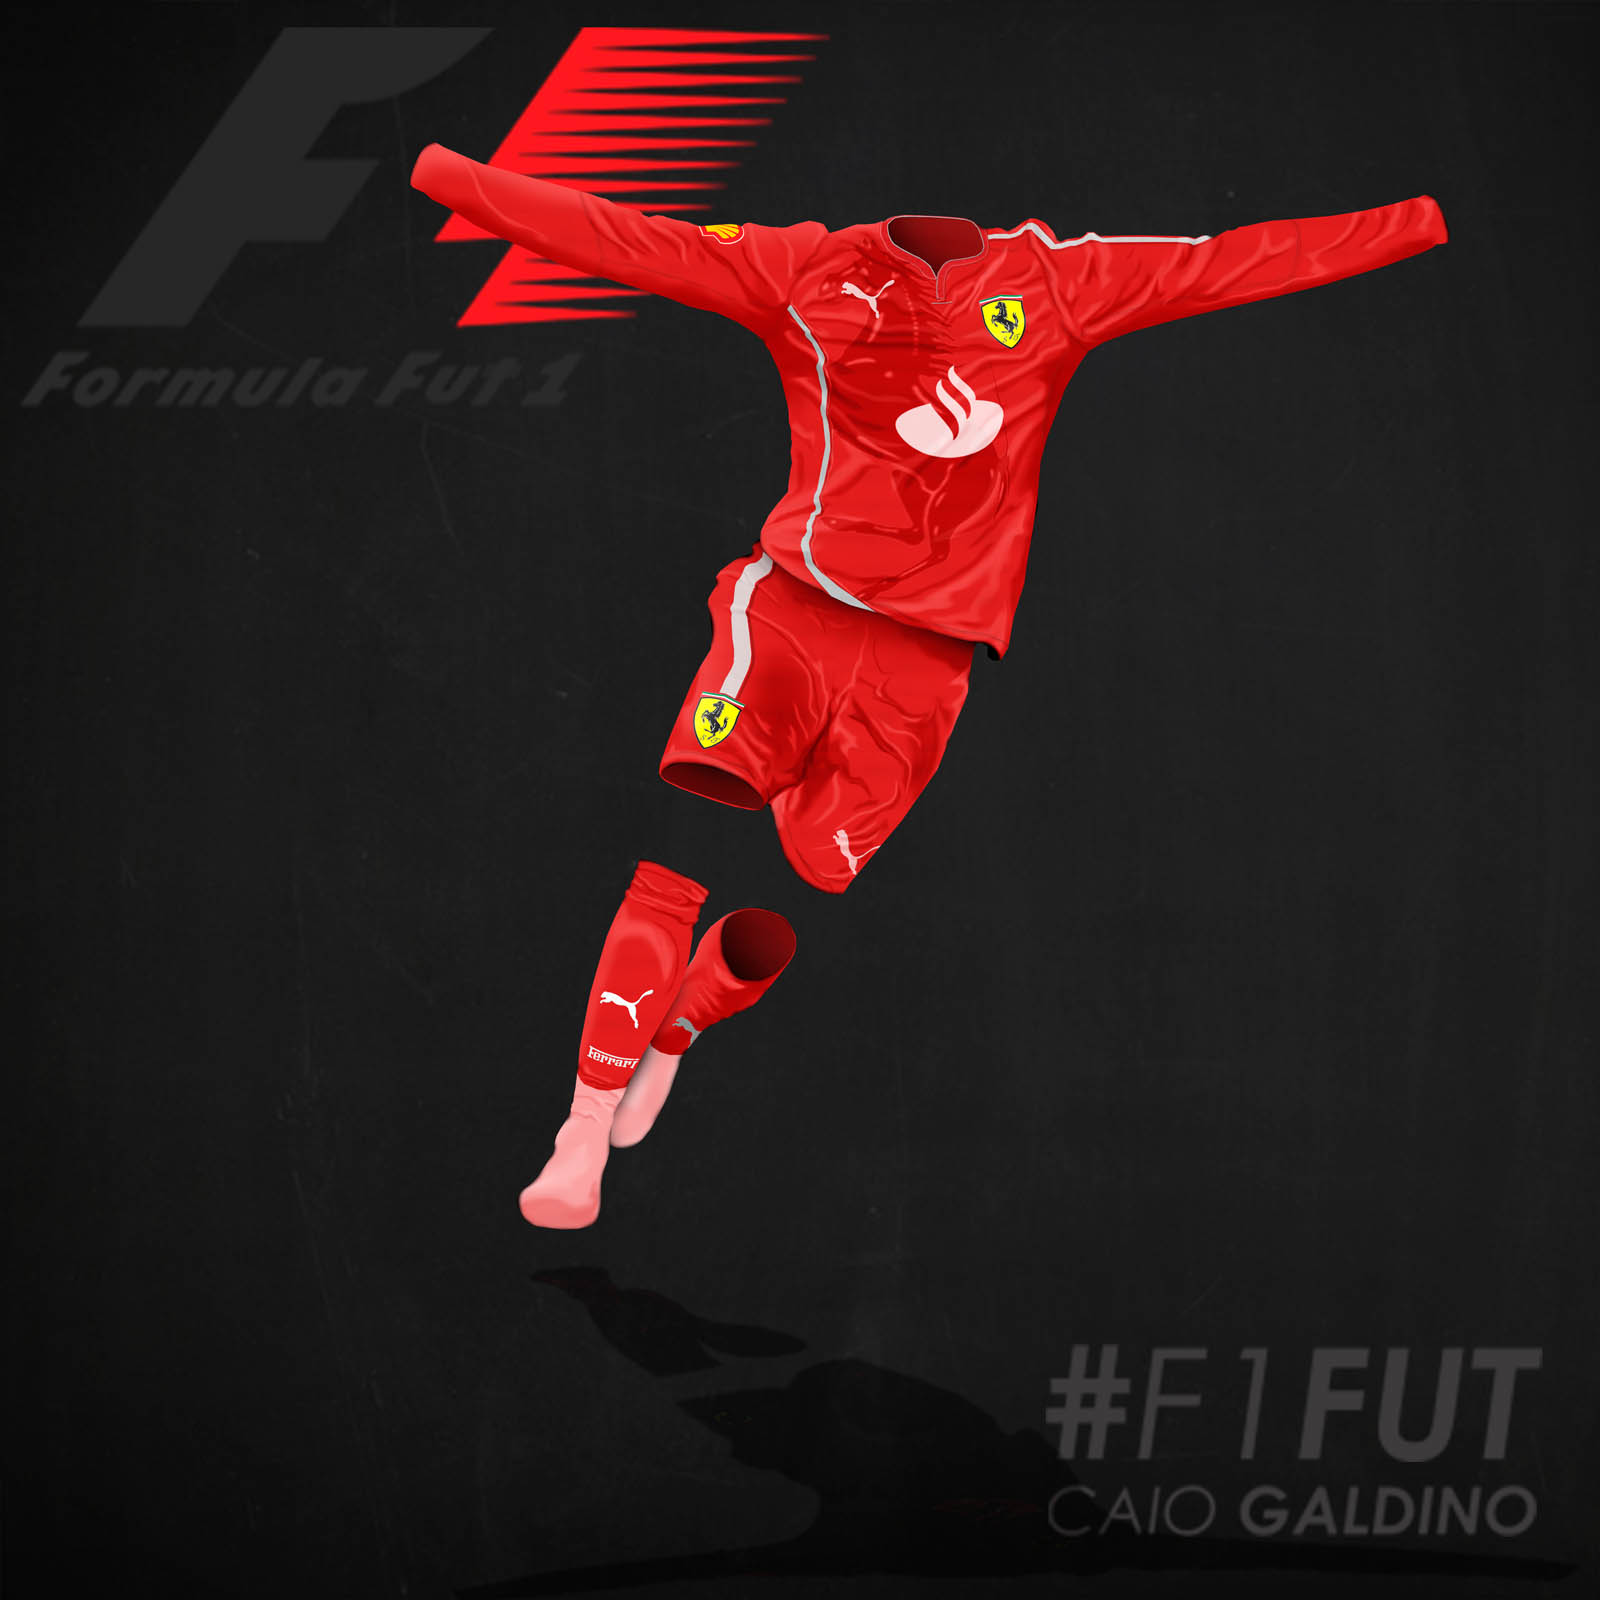 Formula 1 Concept Football Kits By Caio Galdino Footy